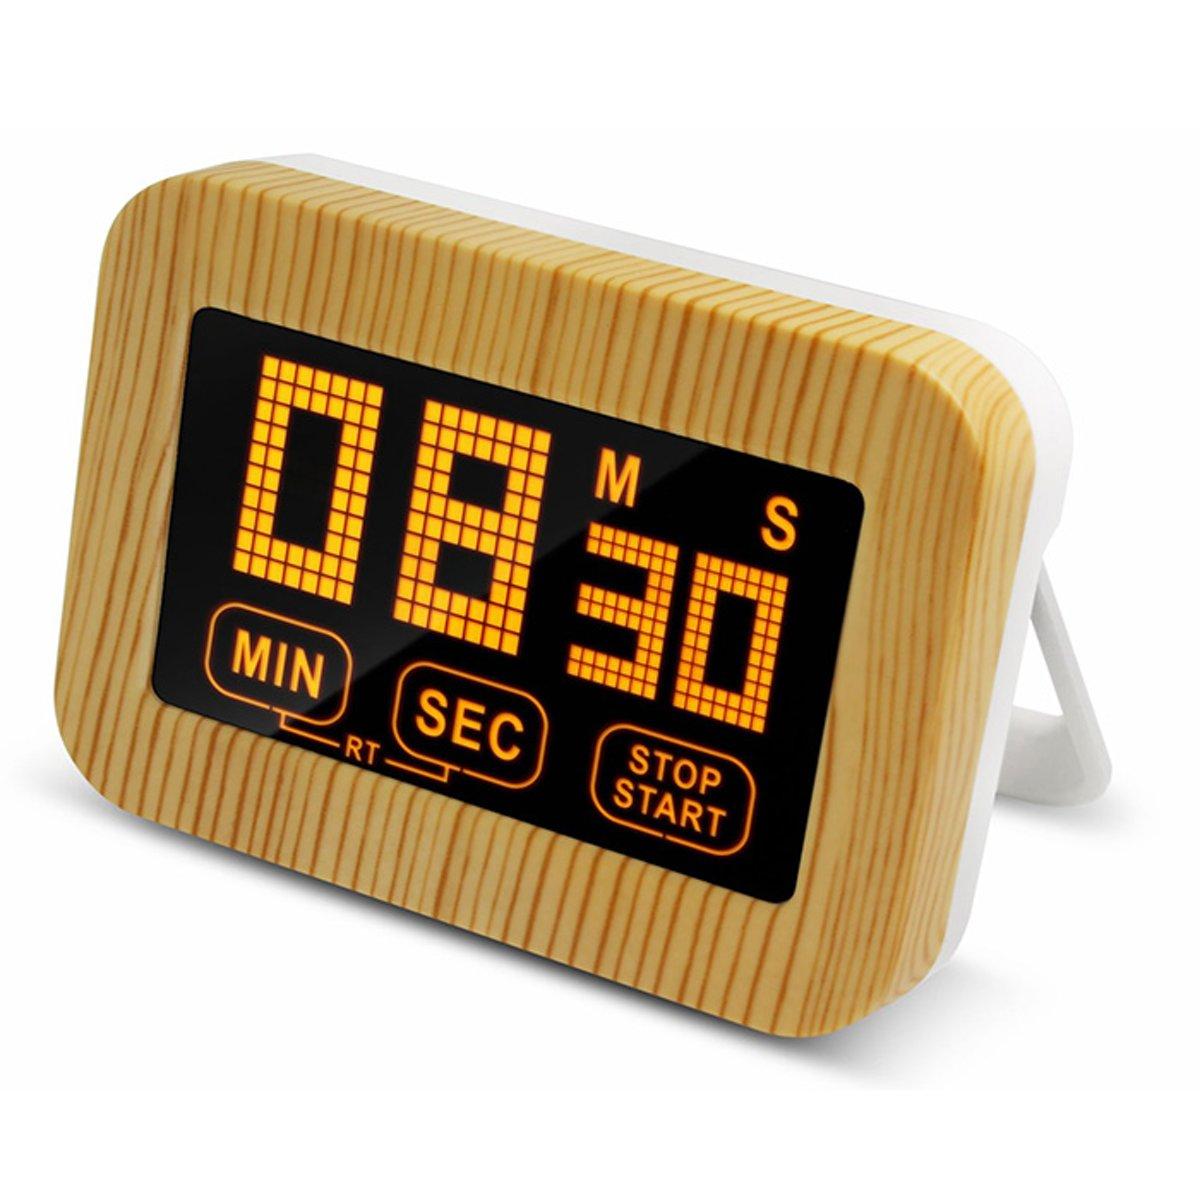 Krumble digitale kookwekker houtlook / Minuten en secondes instellen / LED verlichting / Met verlichte cijfers - Wit met bruin kopen